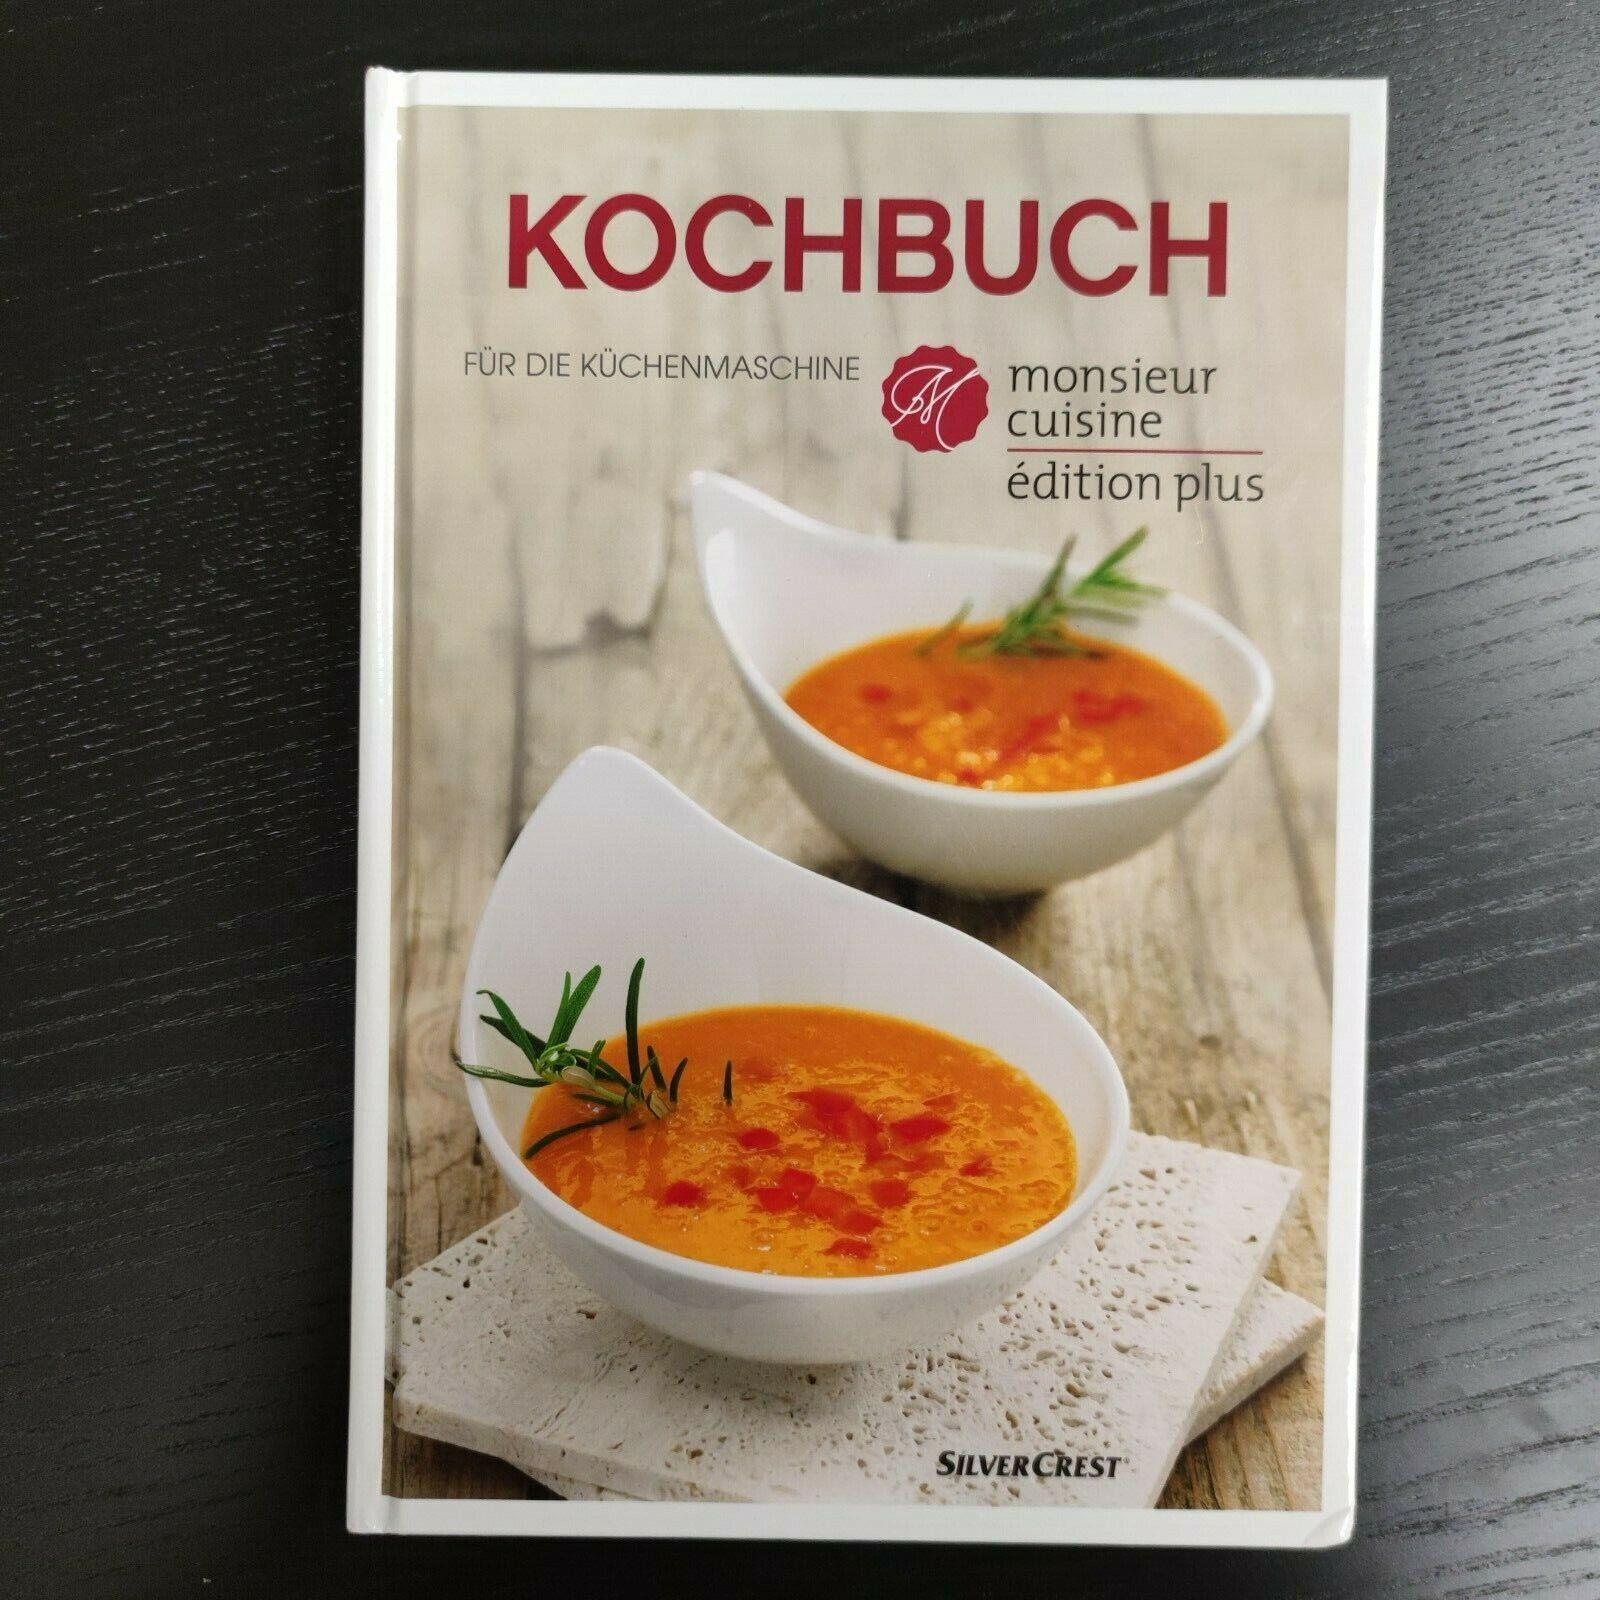 KOCHBUCH FÜR DIE KÜCHENMASCHINE Monsieur Cuisine Silver Crest Buch Kochen